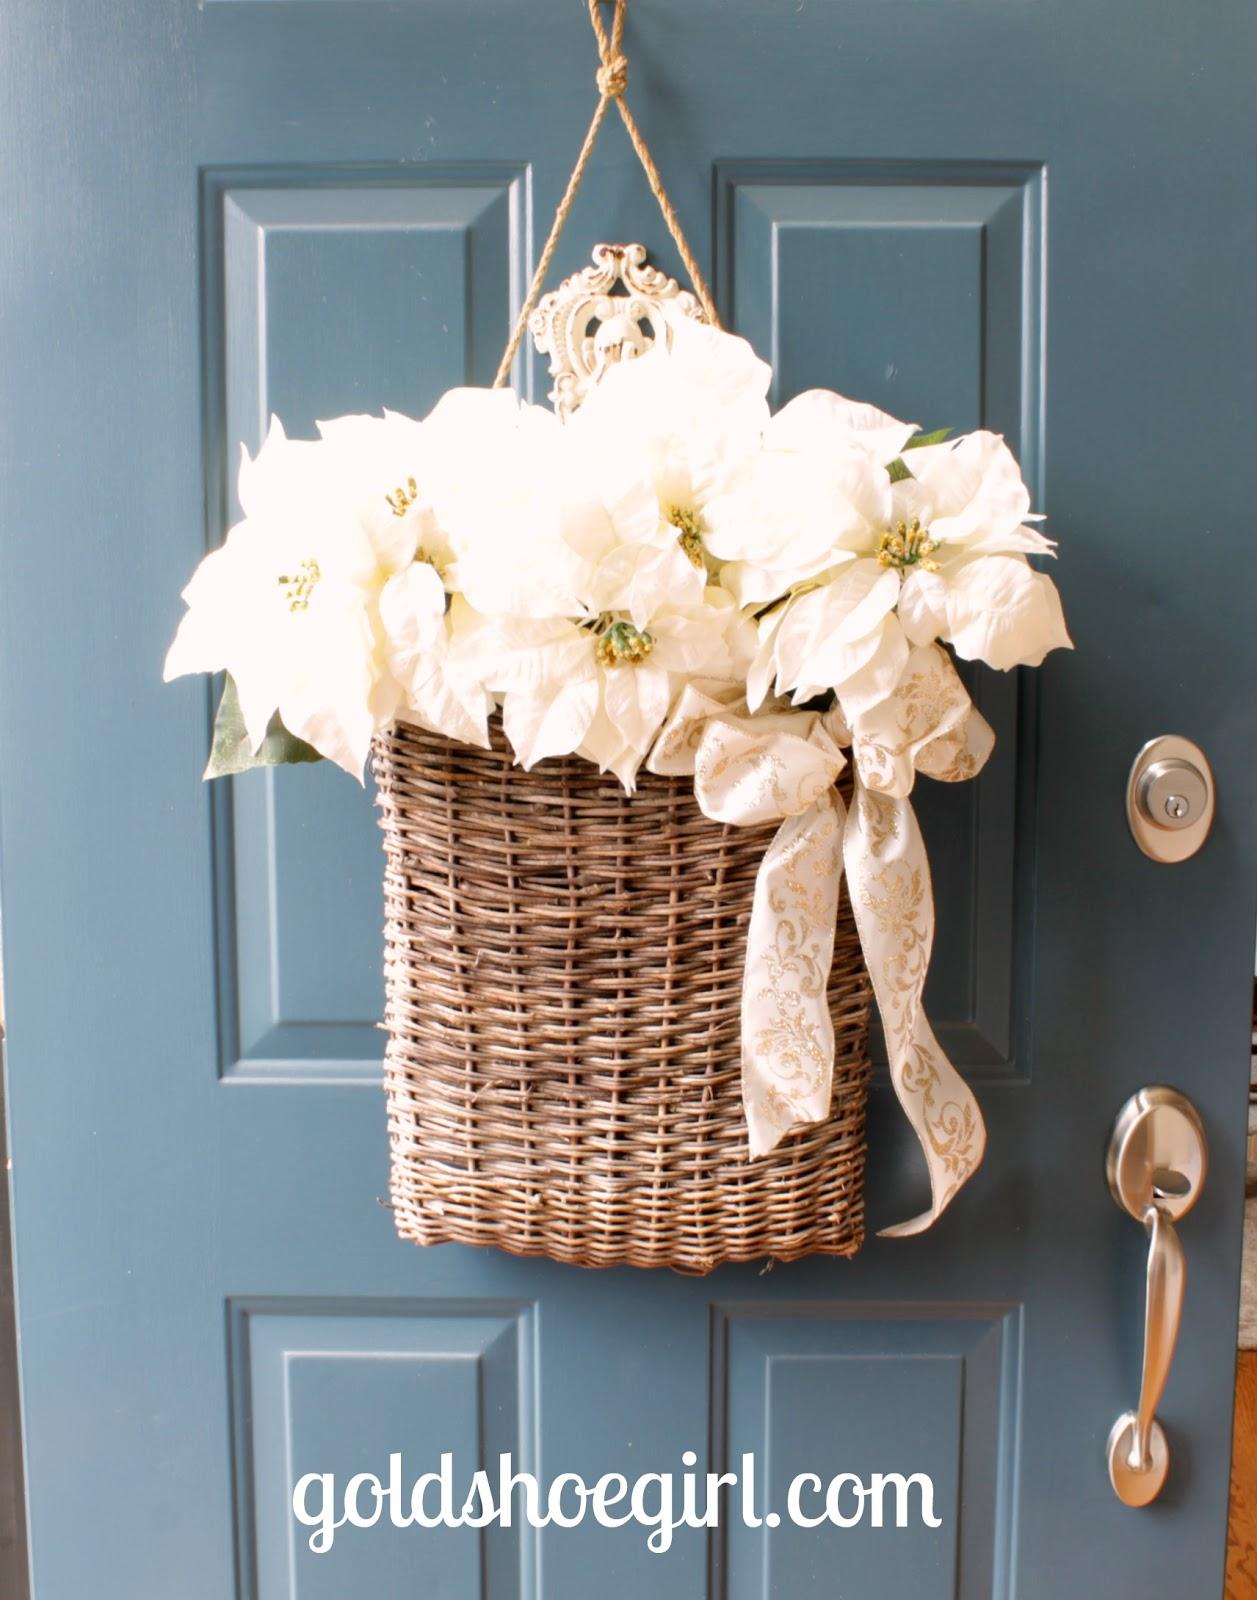 Gold Shoe Girl Winter Holiday Front Door Basket